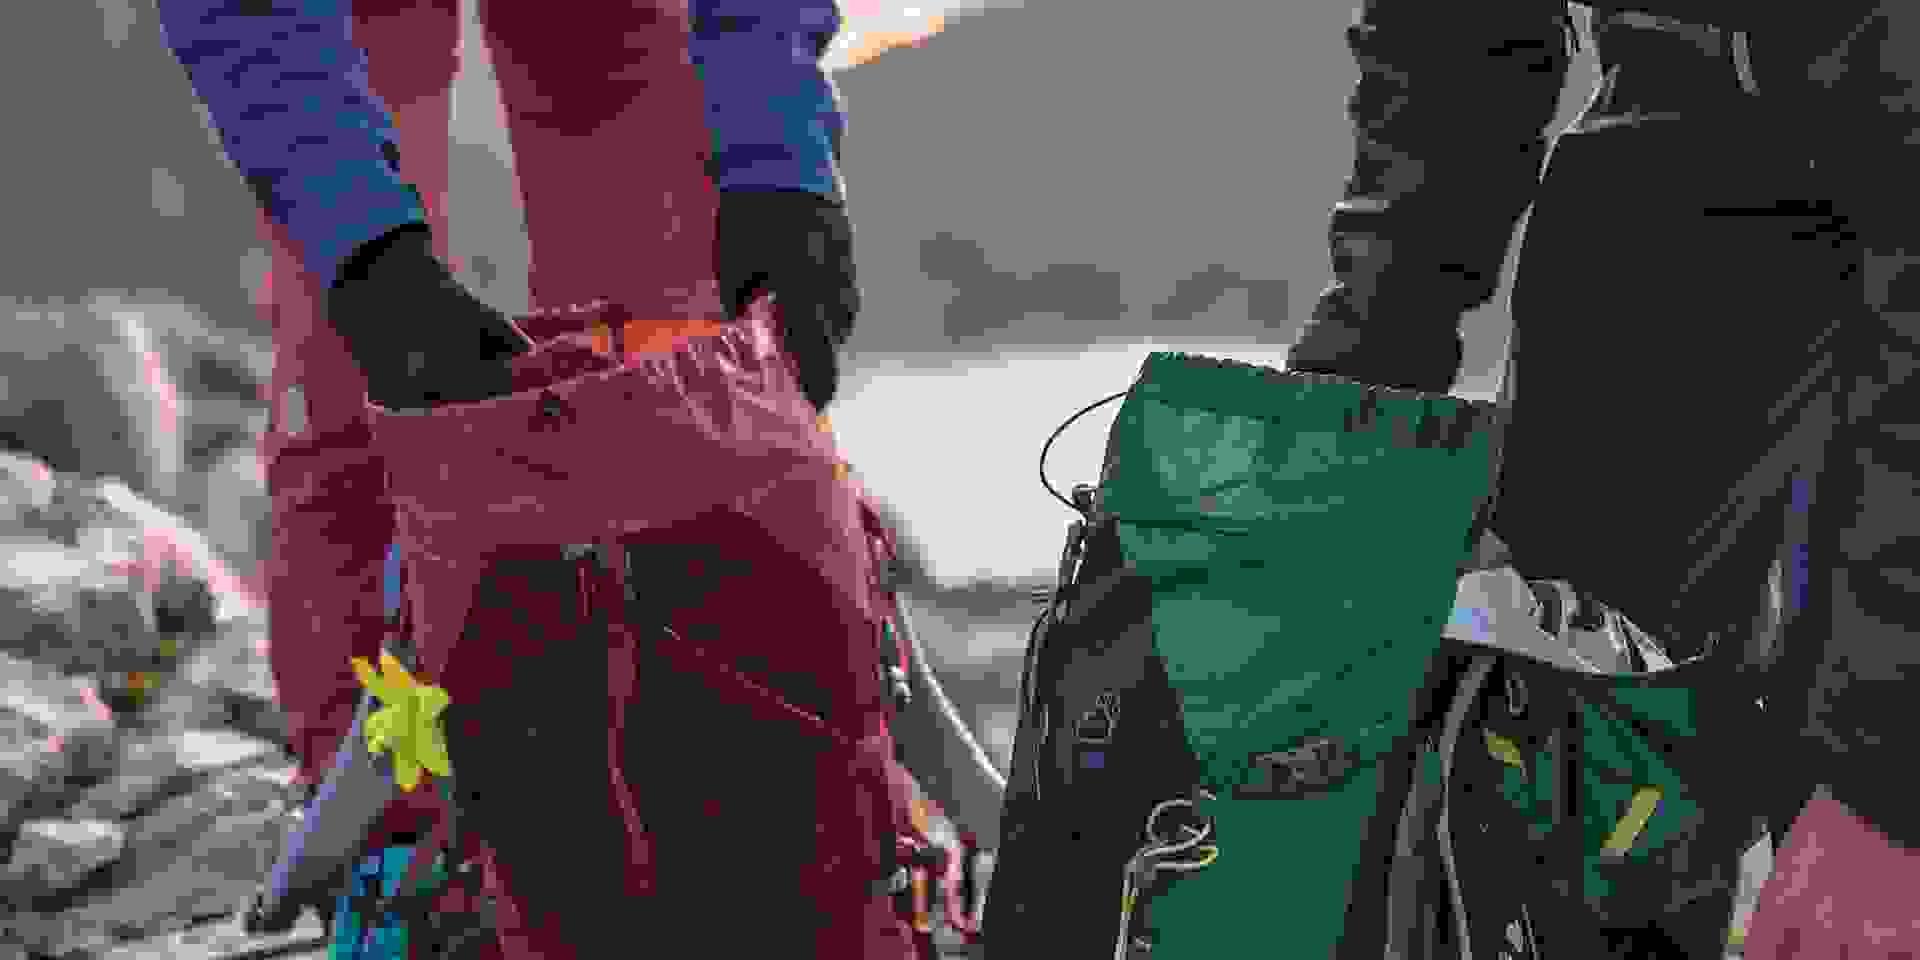 Ein Mann und eine Frau packen ihre Rucksäcke für eine Wanderung